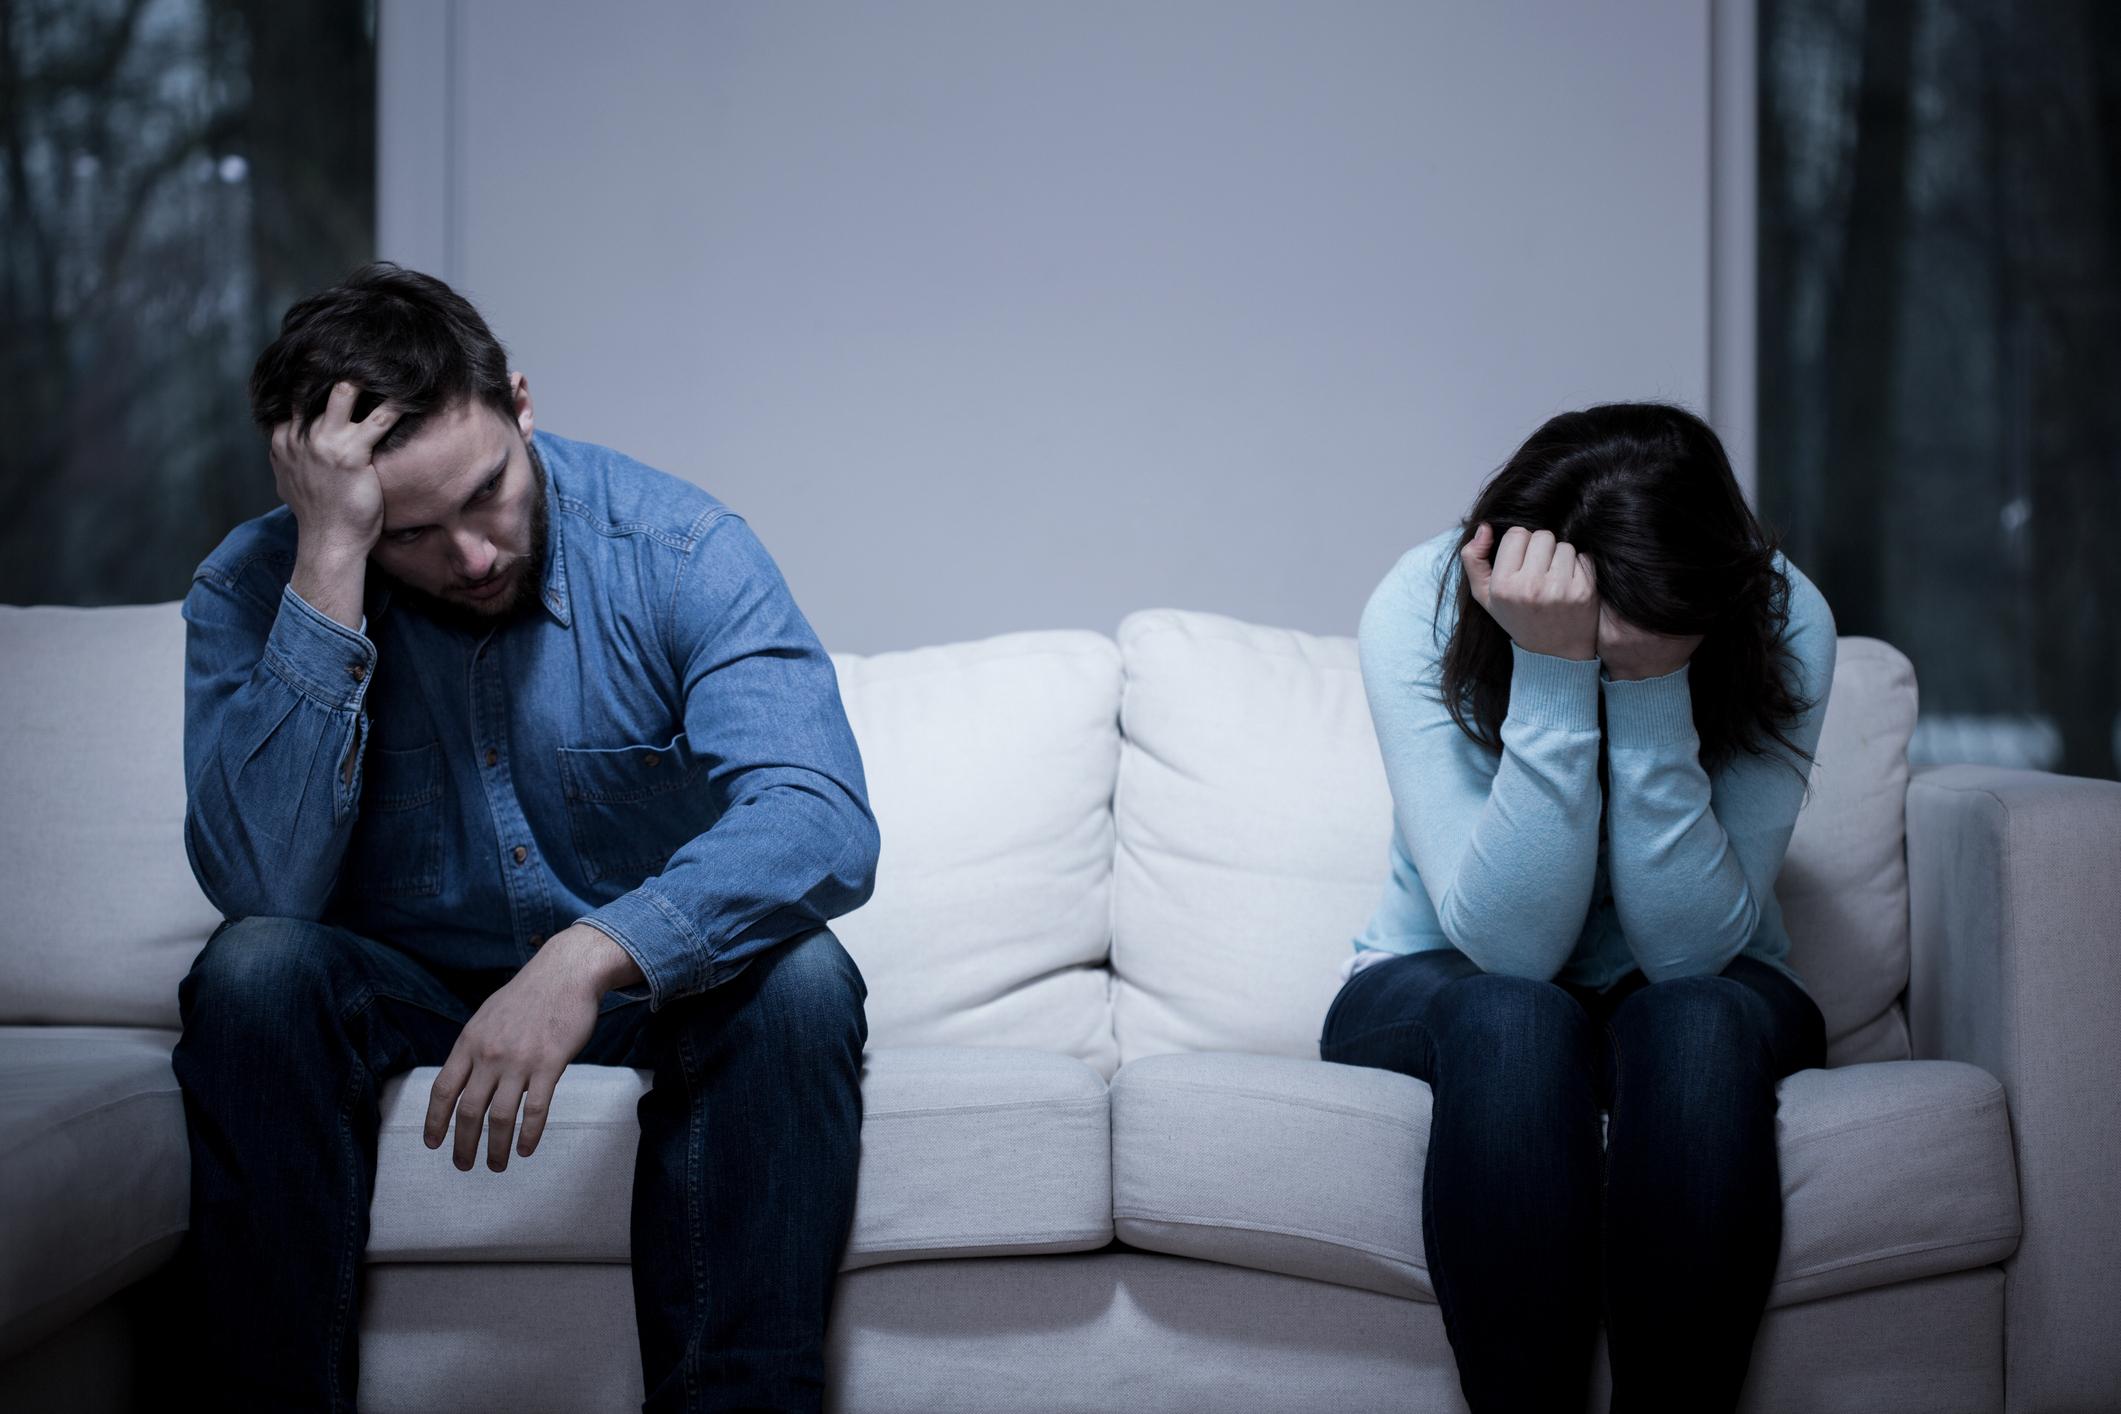 Какую молитву читают для очищения дома от пьянства, ругани и недоброжелателей